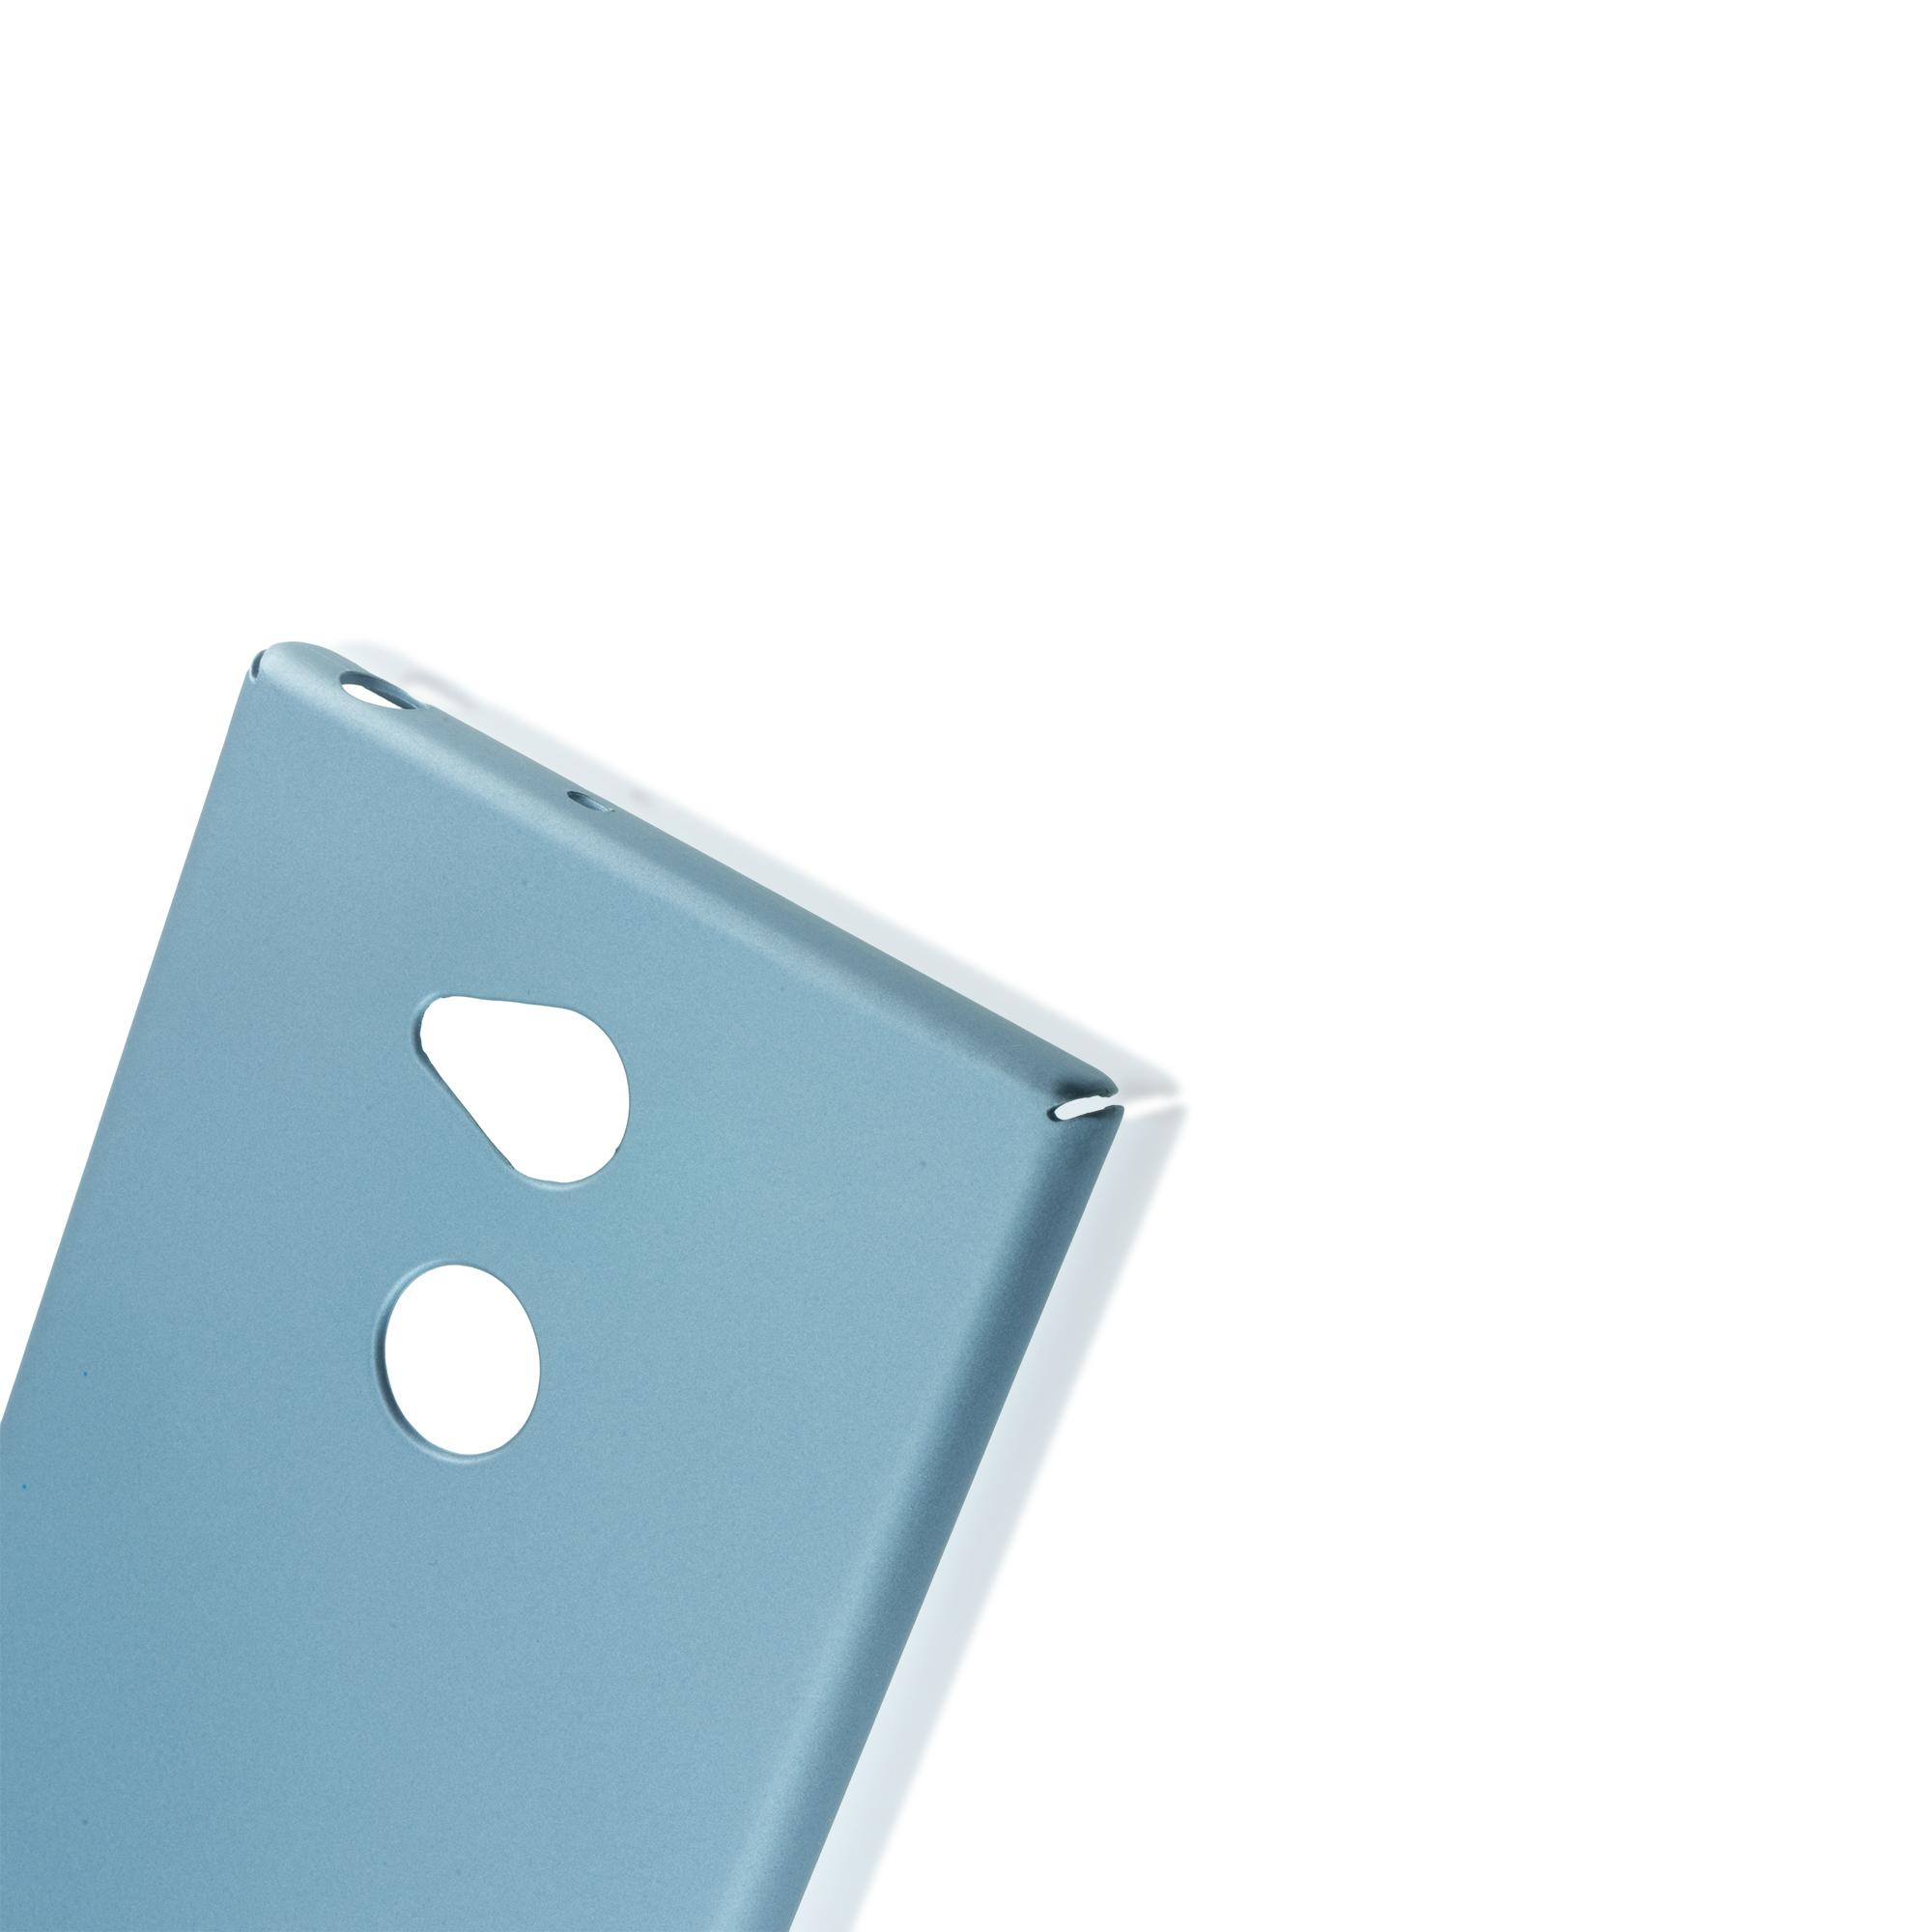 Пластиковый бампер для Xperia XA2 Ultra синего цвета